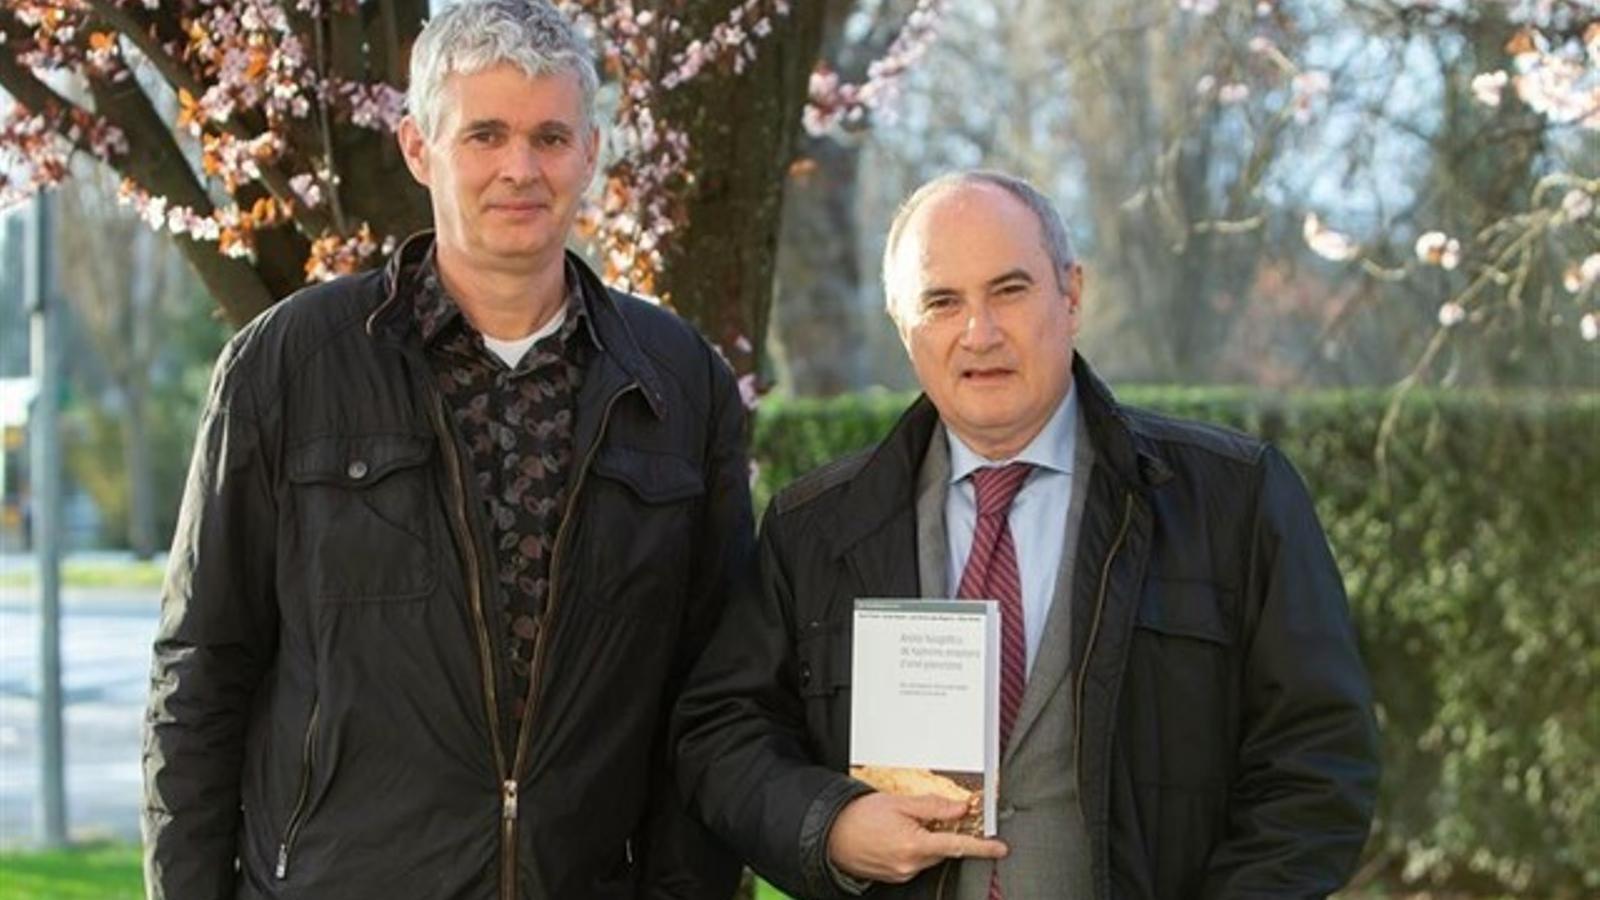 El investigador de la UPNA Juan Karlos Lopez-Mugartza y el filólogo Mikel Belasko. / UPNA